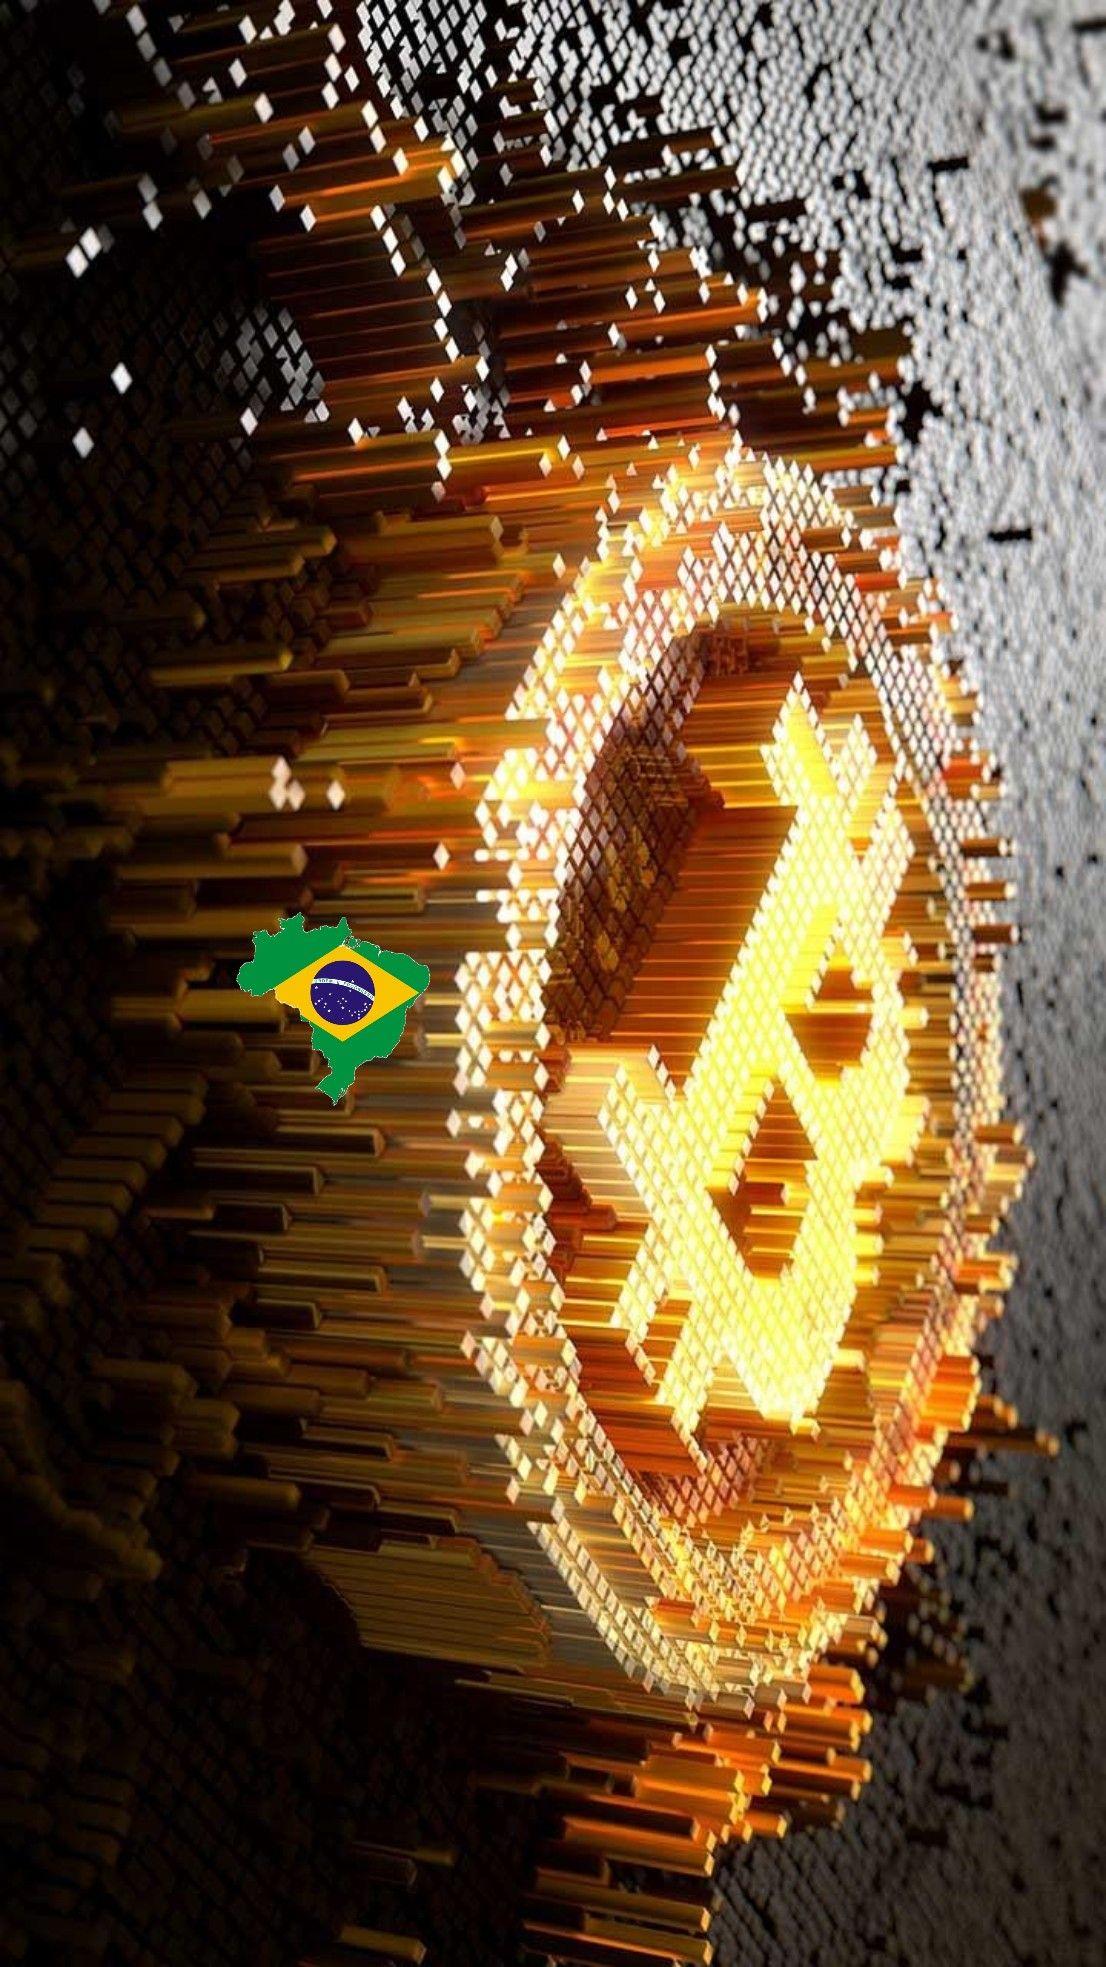 ganhe dinheiro online com mineração de criptomoedas como lucrar com criptomoedas com apenas 100 dólares